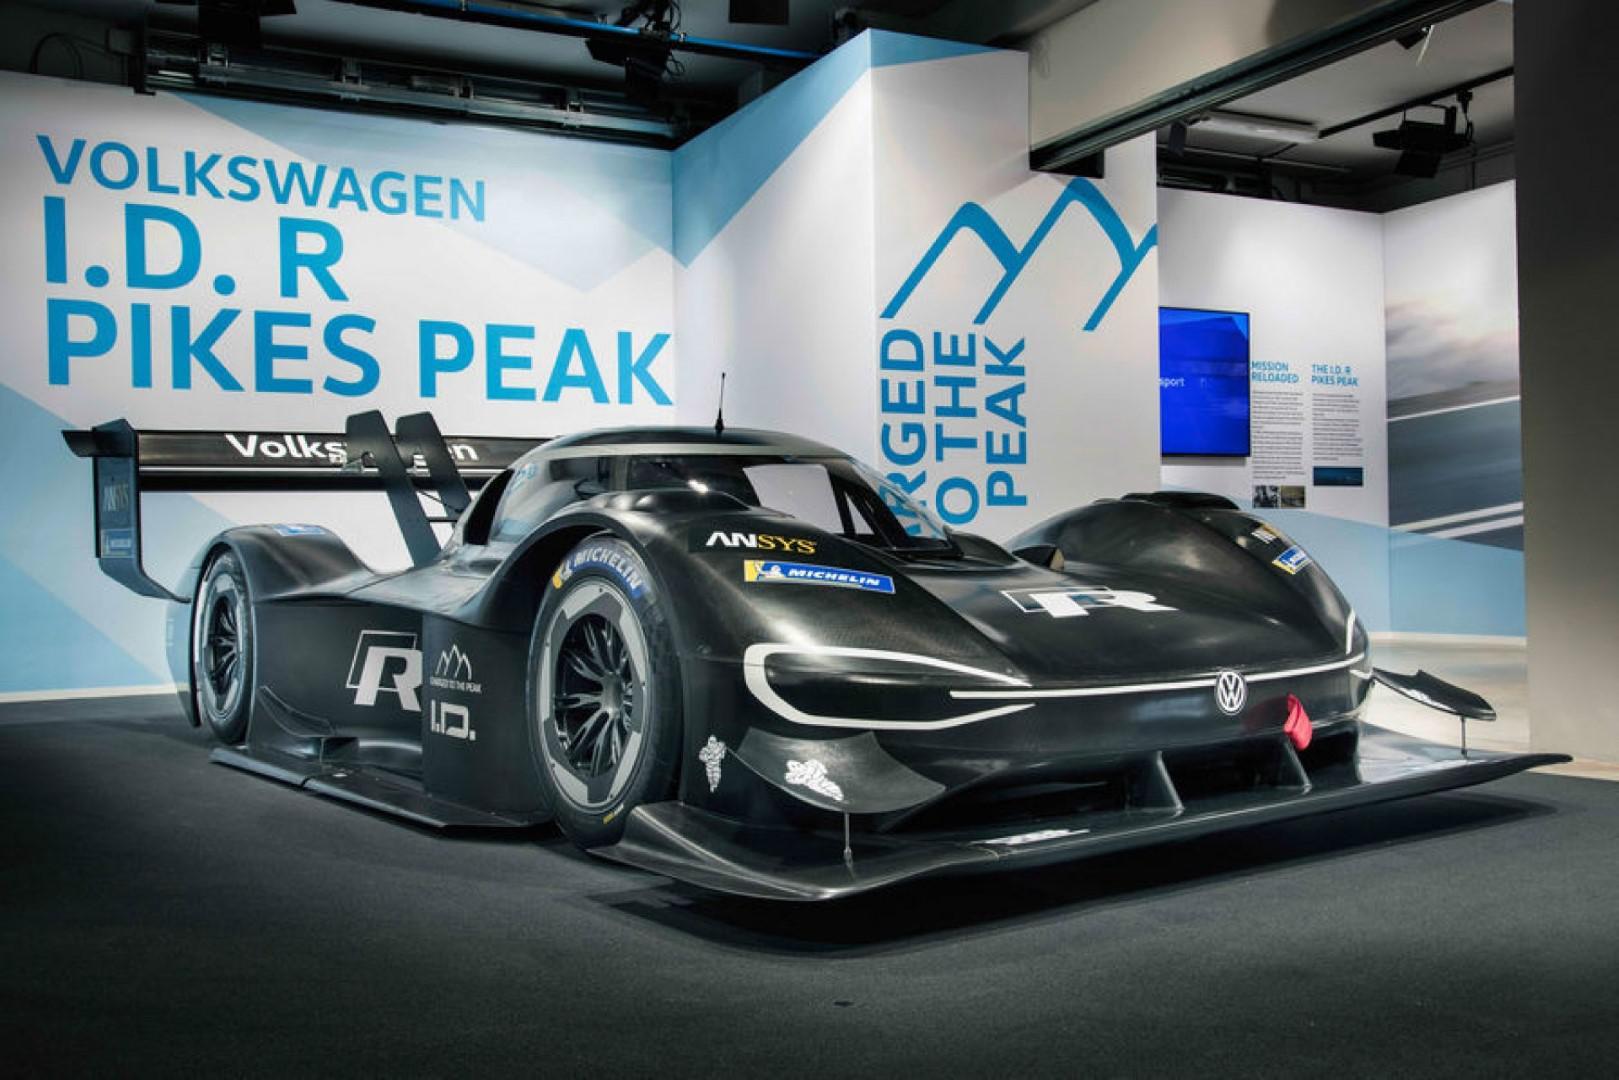 Volkswagen a dévoilé son véhicule de course électrique: I.D R Pikes Peak de 680 ch